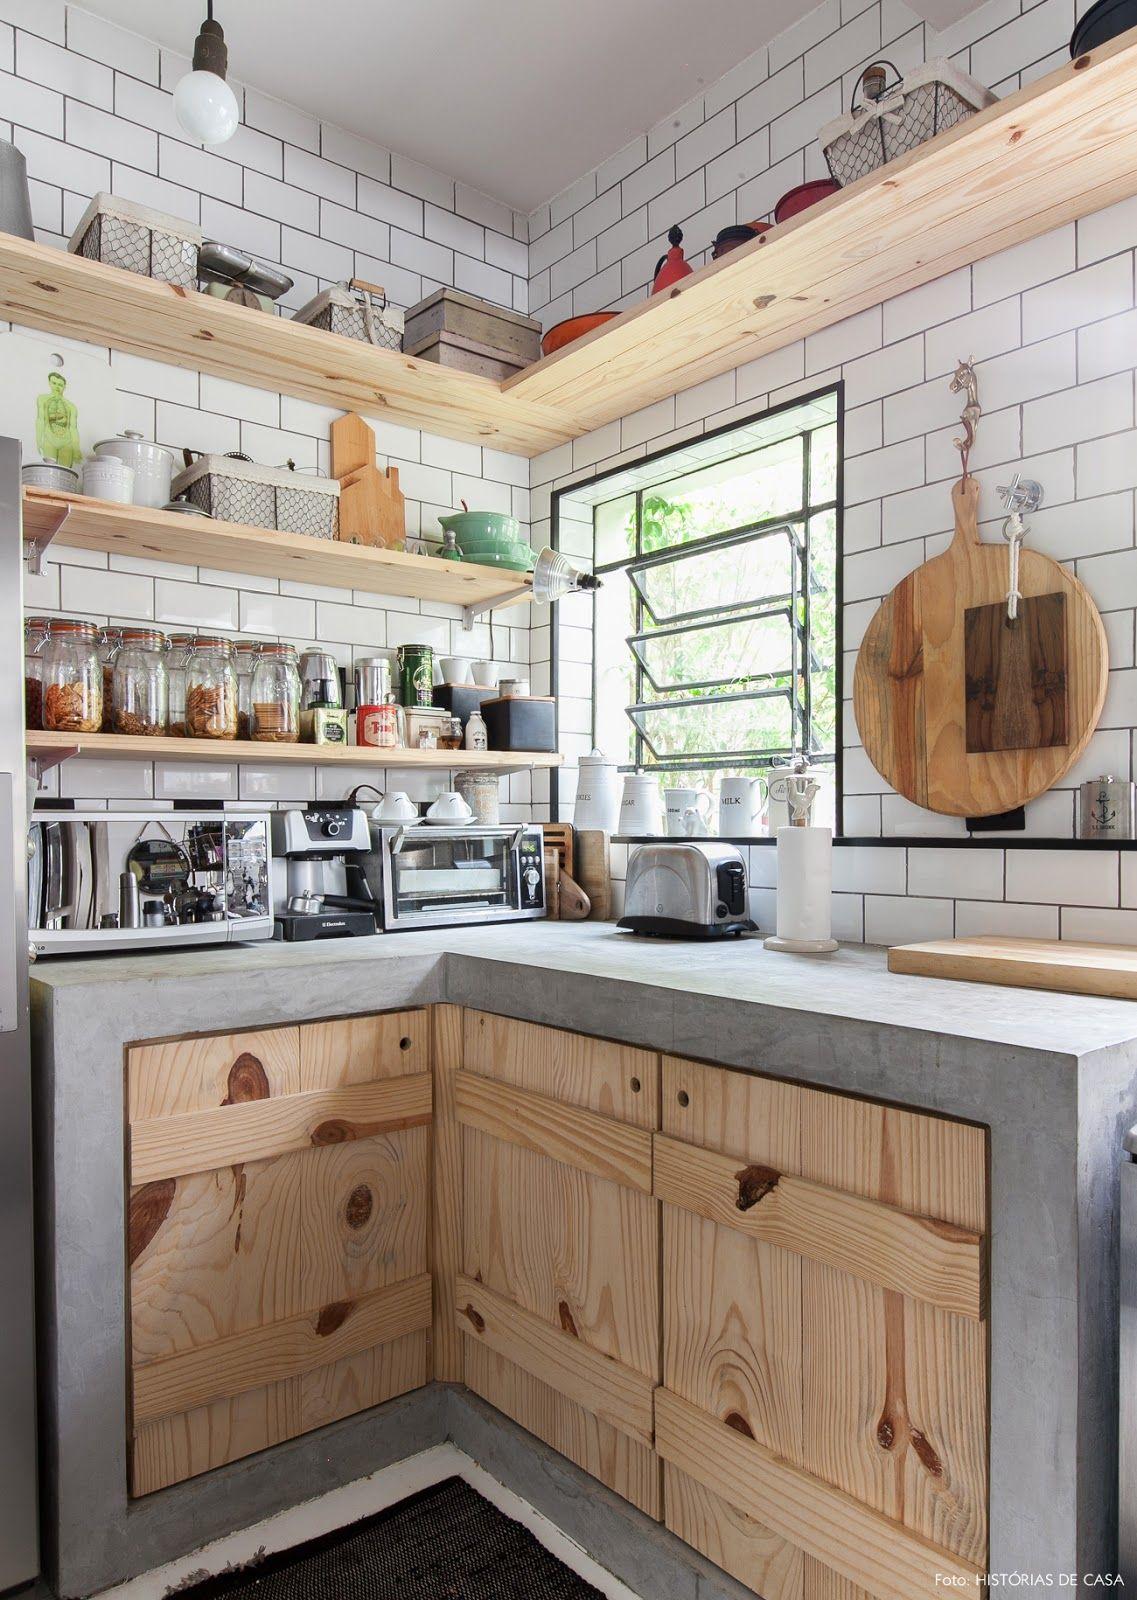 Belas tendências para as cozinhas   Küchenarbeitsplatte, Ytong und Küche